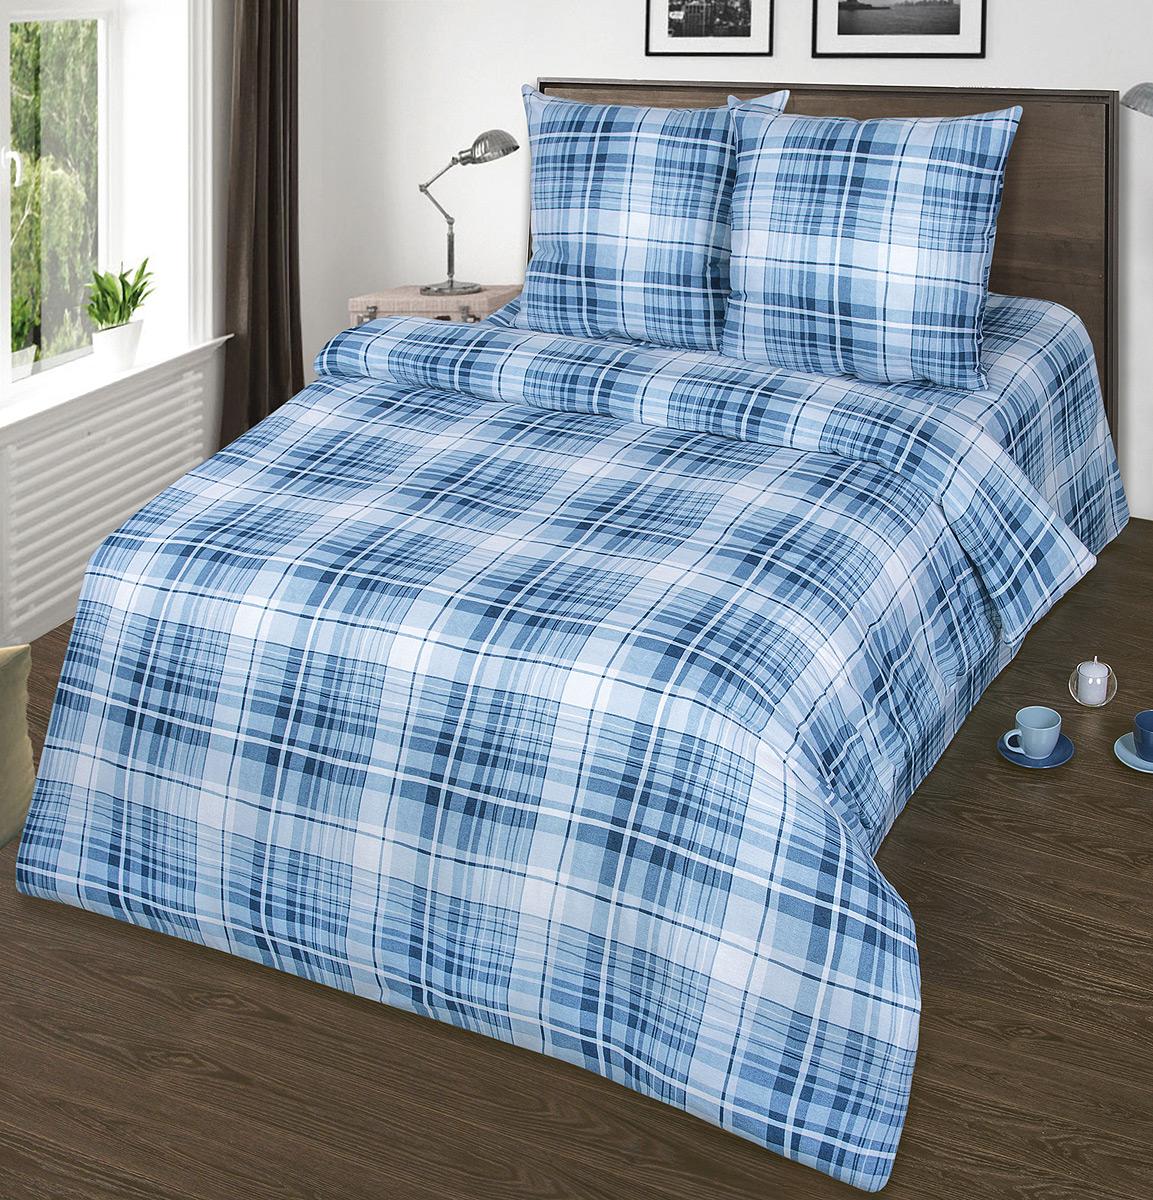 Комплект белья Шоколад Сеньор, 2-спальный, наволочки 70x70. Б104Б104Комплект постельного белья Шоколад Сеньор является экологически безопасным для всей семьи, так как выполнен из натурального хлопка. Комплект состоит из пододеяльника, простыни и двух наволочек. Постельное белье оформлено оригинальным рисунком и имеет изысканный внешний вид.Бязь - это ткань полотняного переплетения, изготовленная из экологически чистого и натурального 100% хлопка. Она прочная, мягкая, обладает низкой сминаемостью, легко стирается и хорошо гладится. Бязь прекрасно пропускает воздух и за ней легко ухаживать. При соблюдении рекомендуемых условий стирки, сушки и глажения ткань имеет усадку по ГОСТу, сохранятся яркость текстильных рисунков. Приобретая комплект постельного белья Шоколад Сеньор, вы можете быть уверены в том, что покупка доставит вам и вашим близким удовольствие иподарит максимальный комфорт.